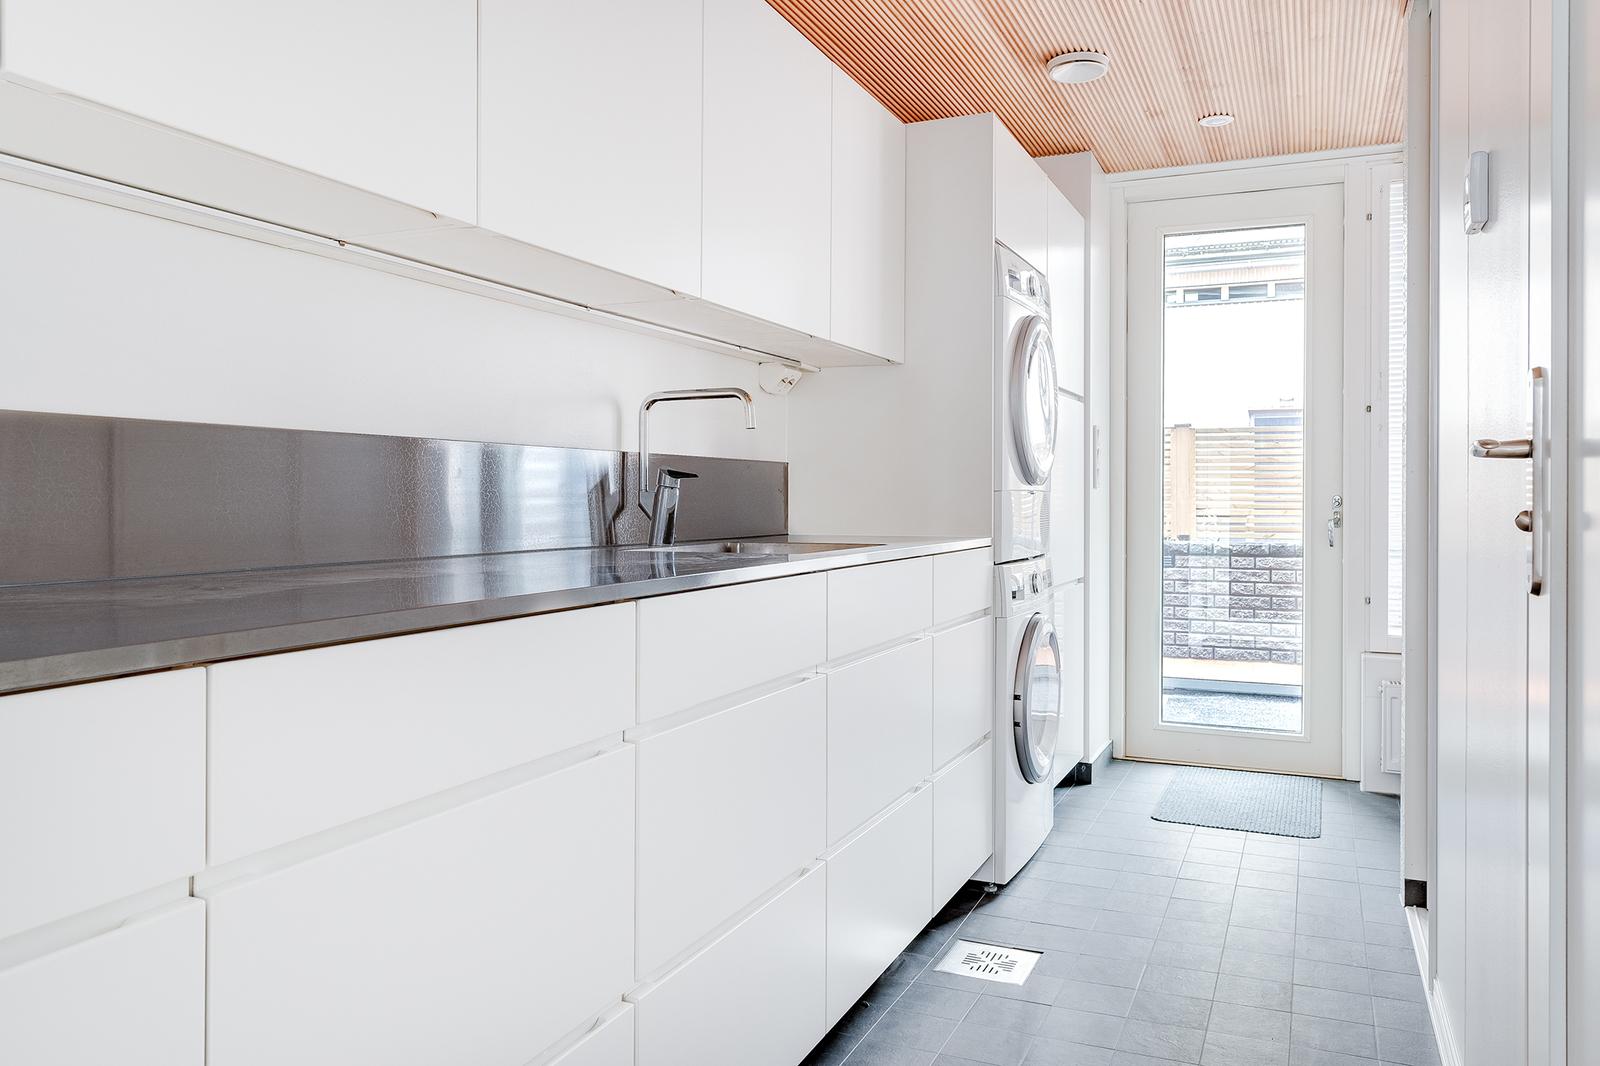 Siemens-merkkiset pesukone ja kuivausrumpu ovat osa kodinhoitohuoneen varustusta